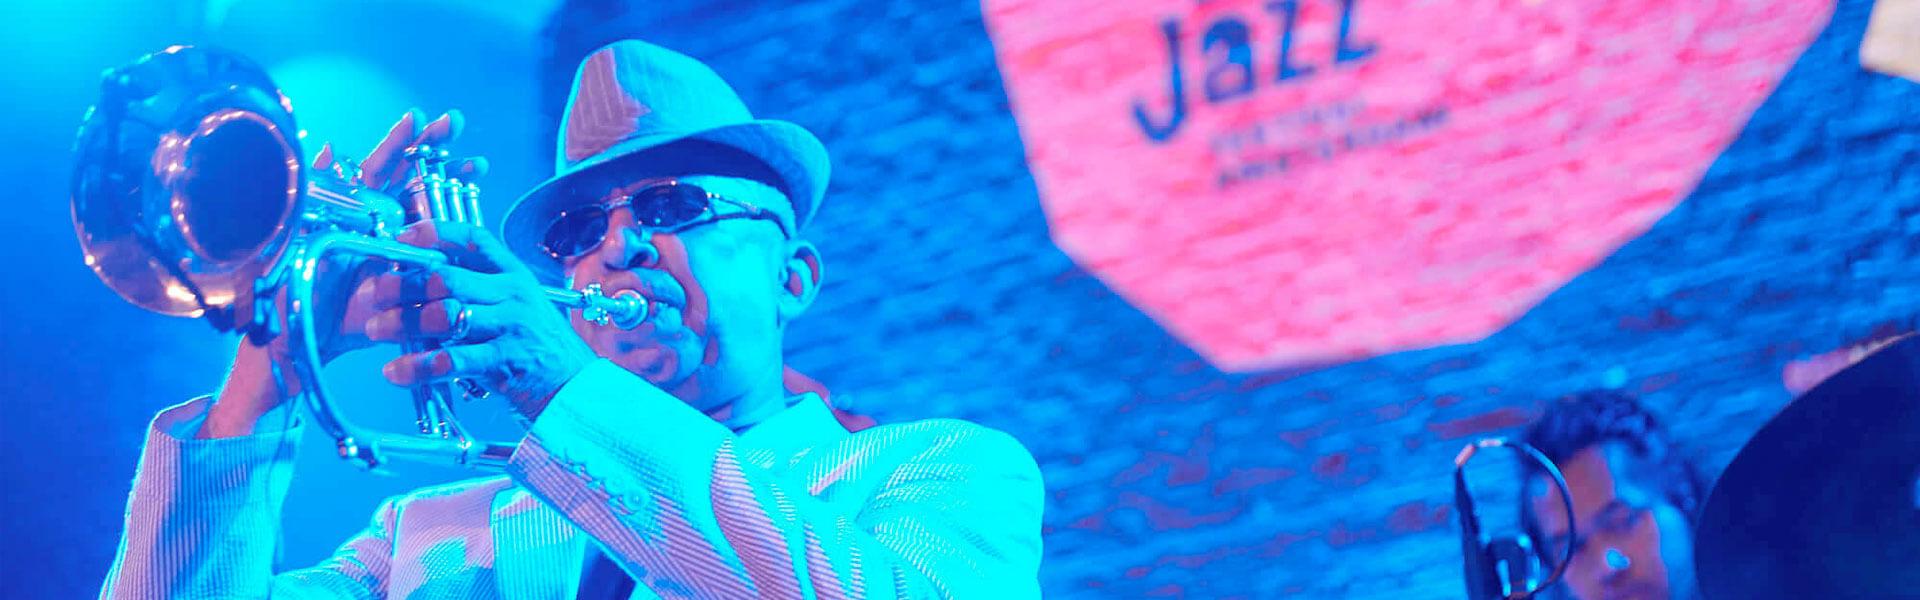 Red-Light-Jazz-Nieuwsbrief